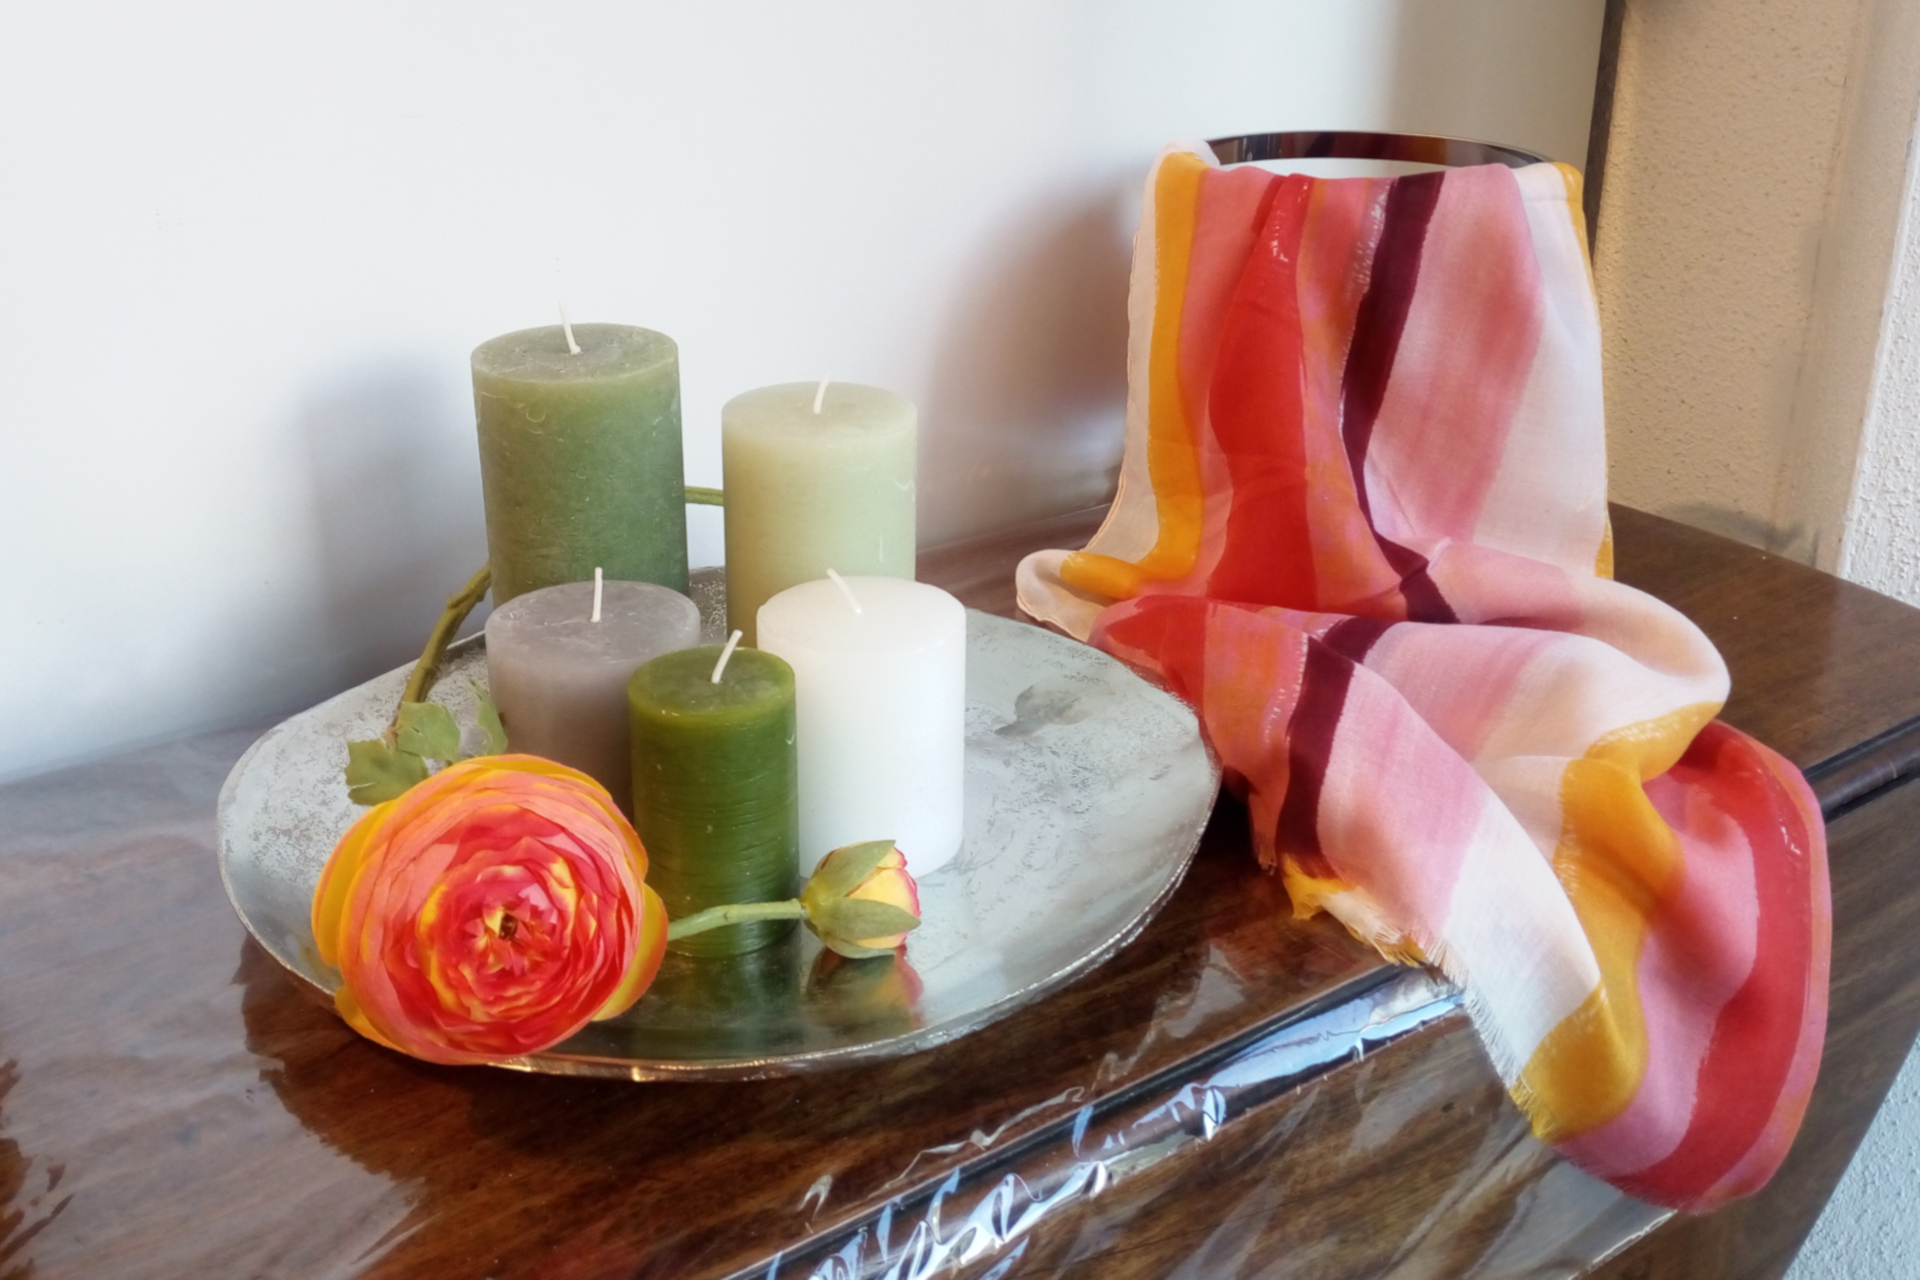 Wohnstudio Dekoration Geschenke Kerzen Einrichtung Blumen Silberteller Tücher